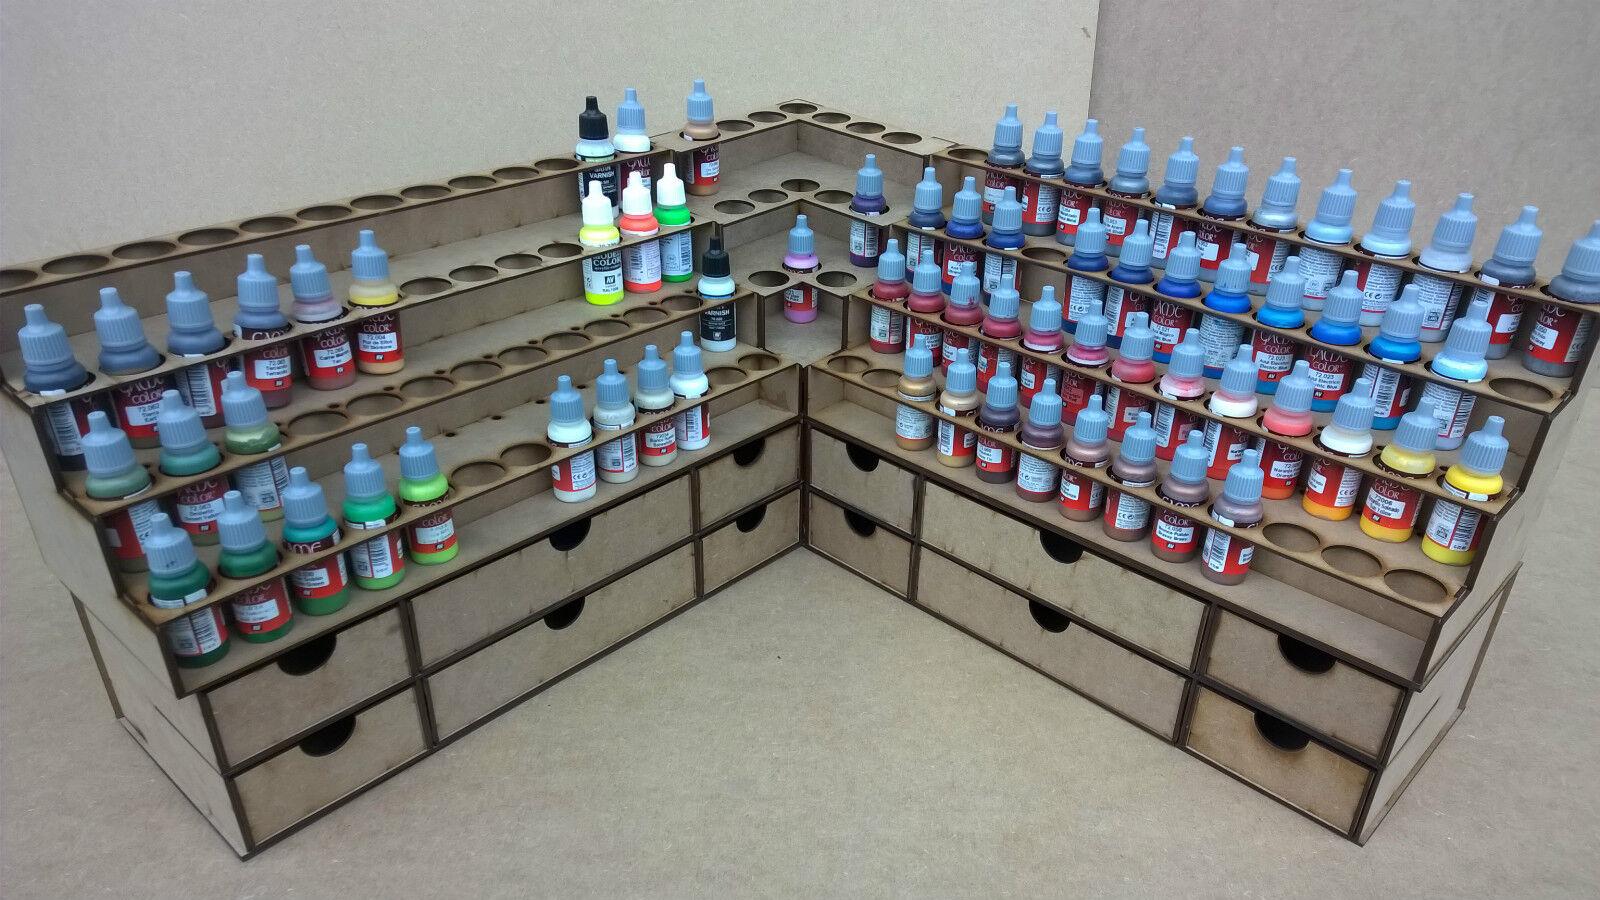 Soporte de pintura 2 racks + dibuja botella de almacenamiento Warpaint Vallejo Warhammer 40k warJuego